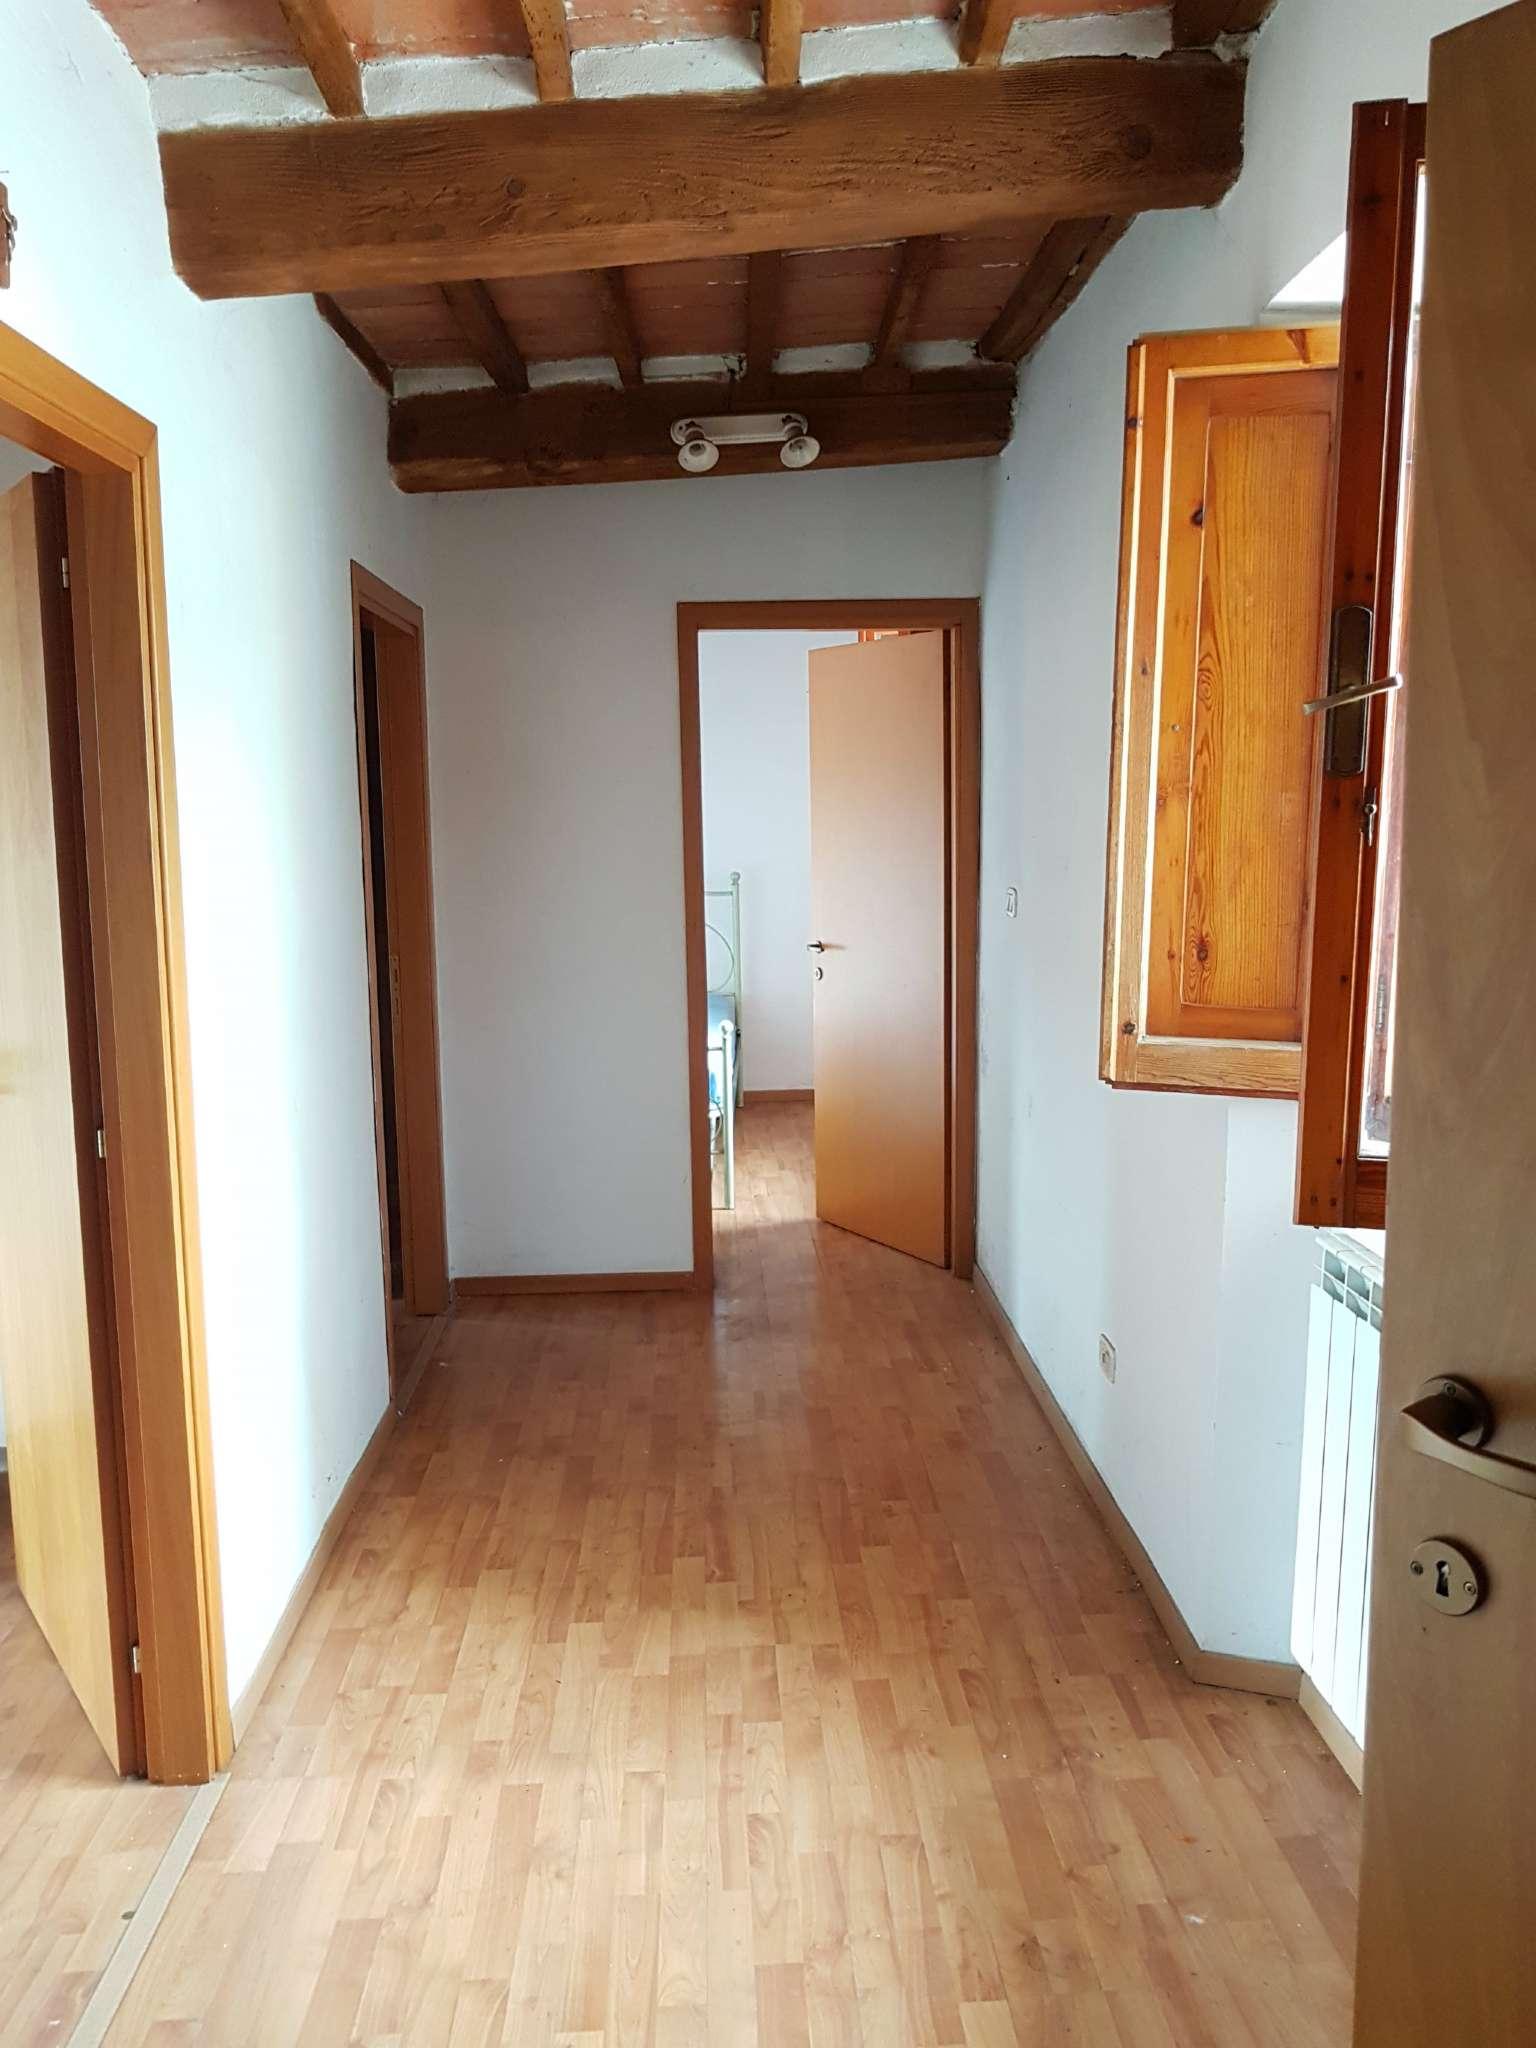 Palazzo / Stabile in affitto a Arezzo, 4 locali, prezzo € 550   CambioCasa.it